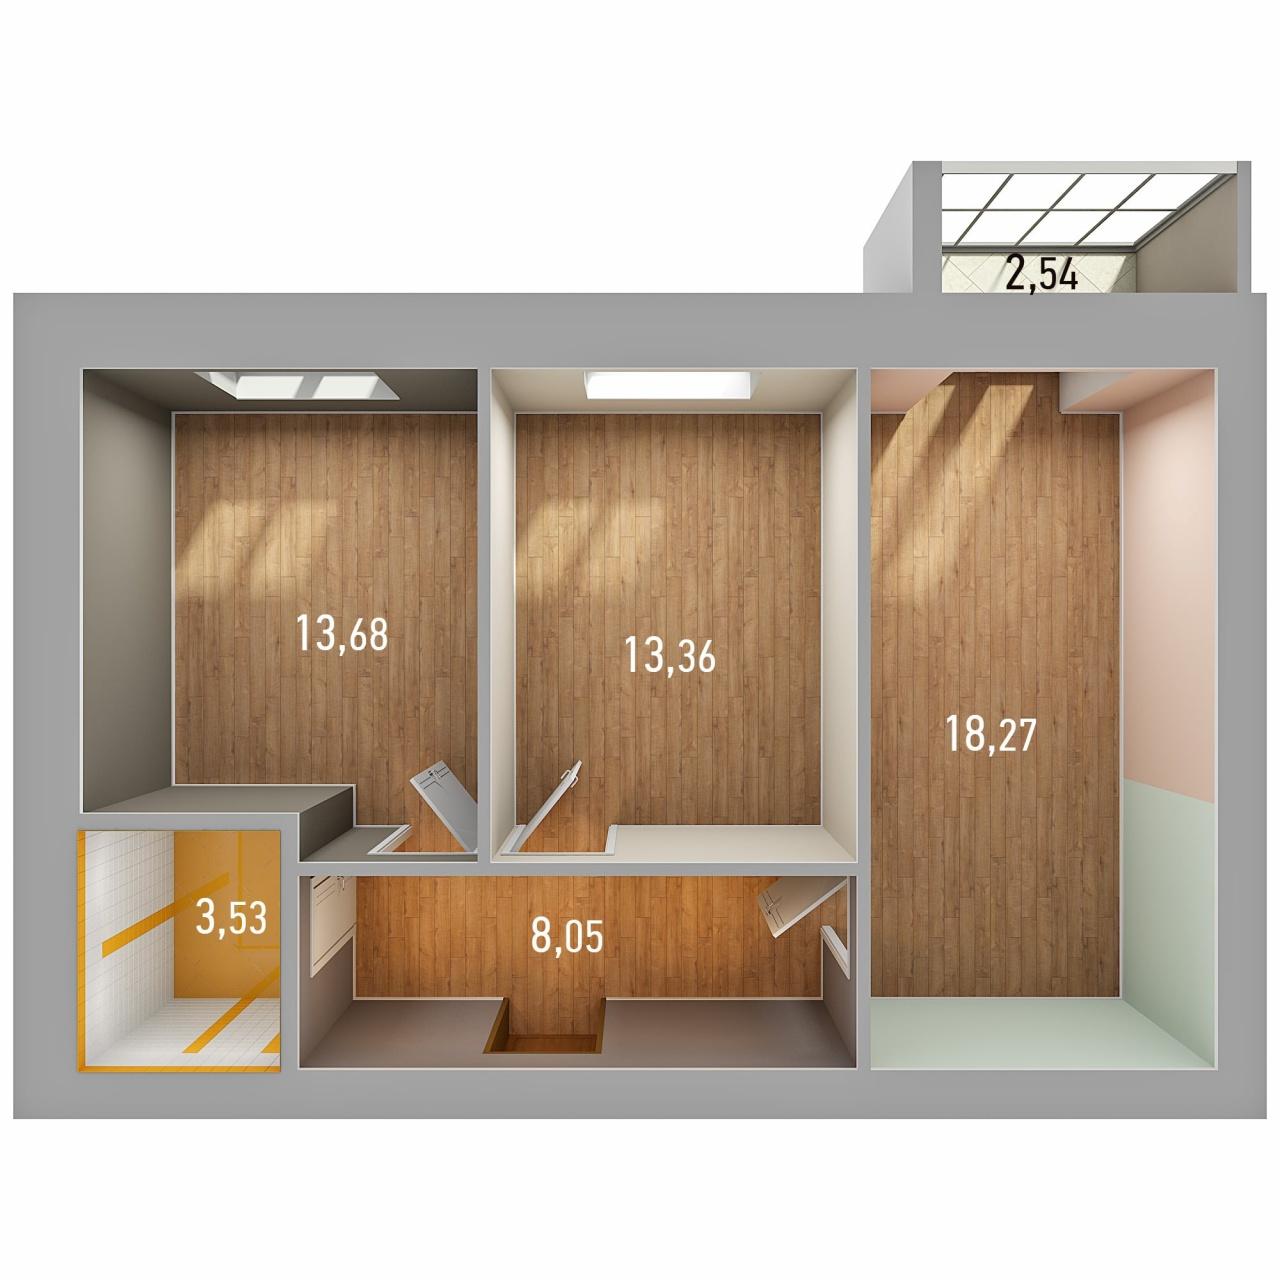 Продажа 2-к квартиры ул. Петра Гаврилова, д. 34